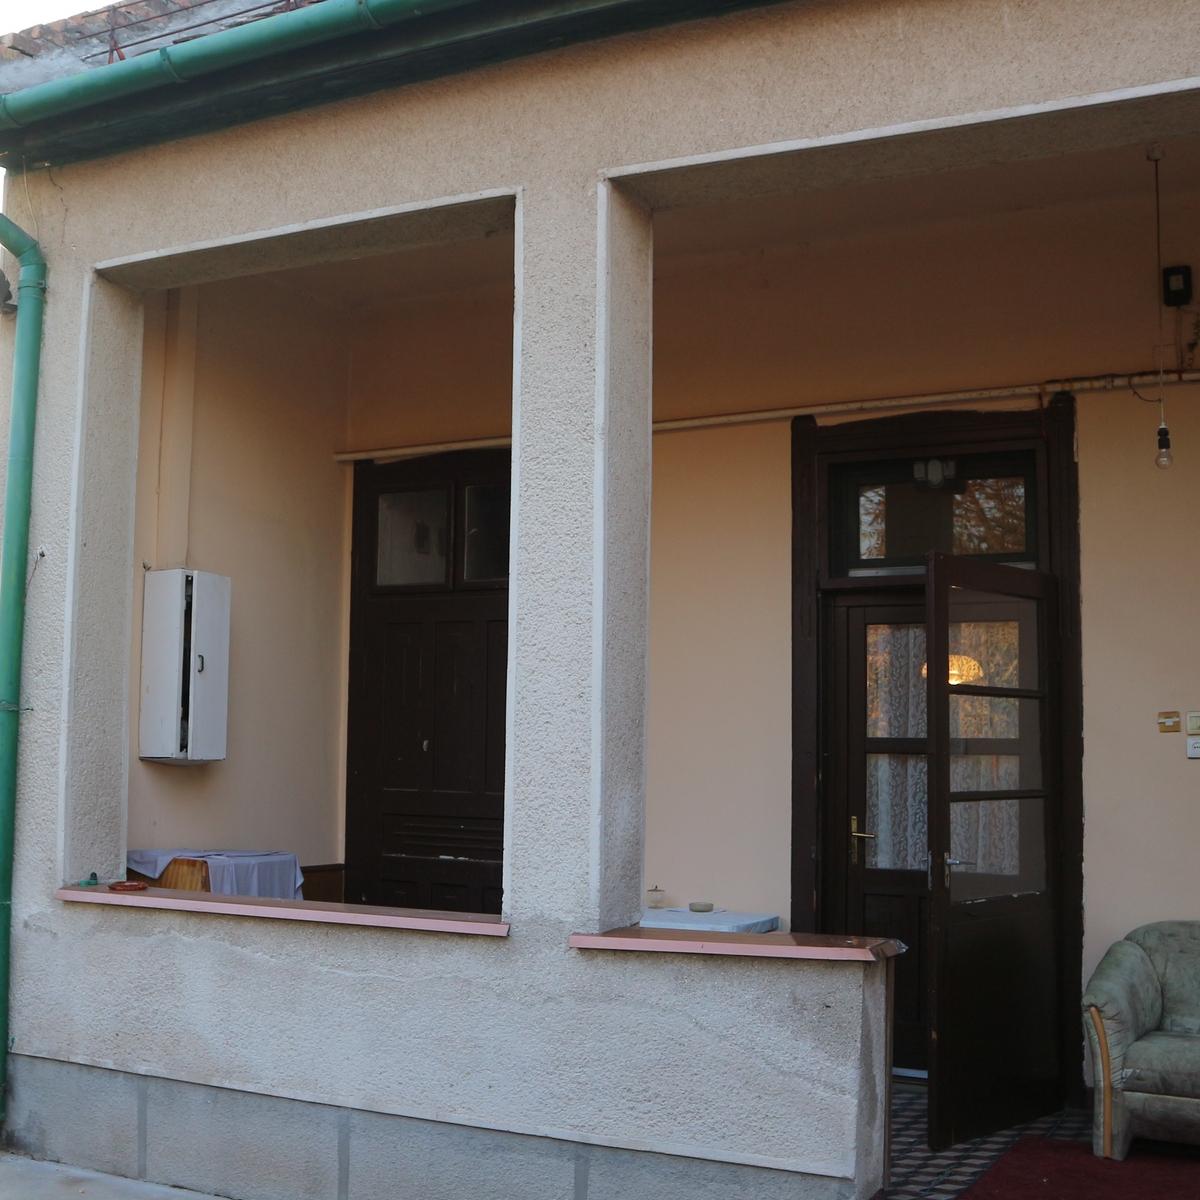 Eladó  házrész (Budapest, XVIII. kerületBudapest, XVIII. kerület) 16,9 M  Ft